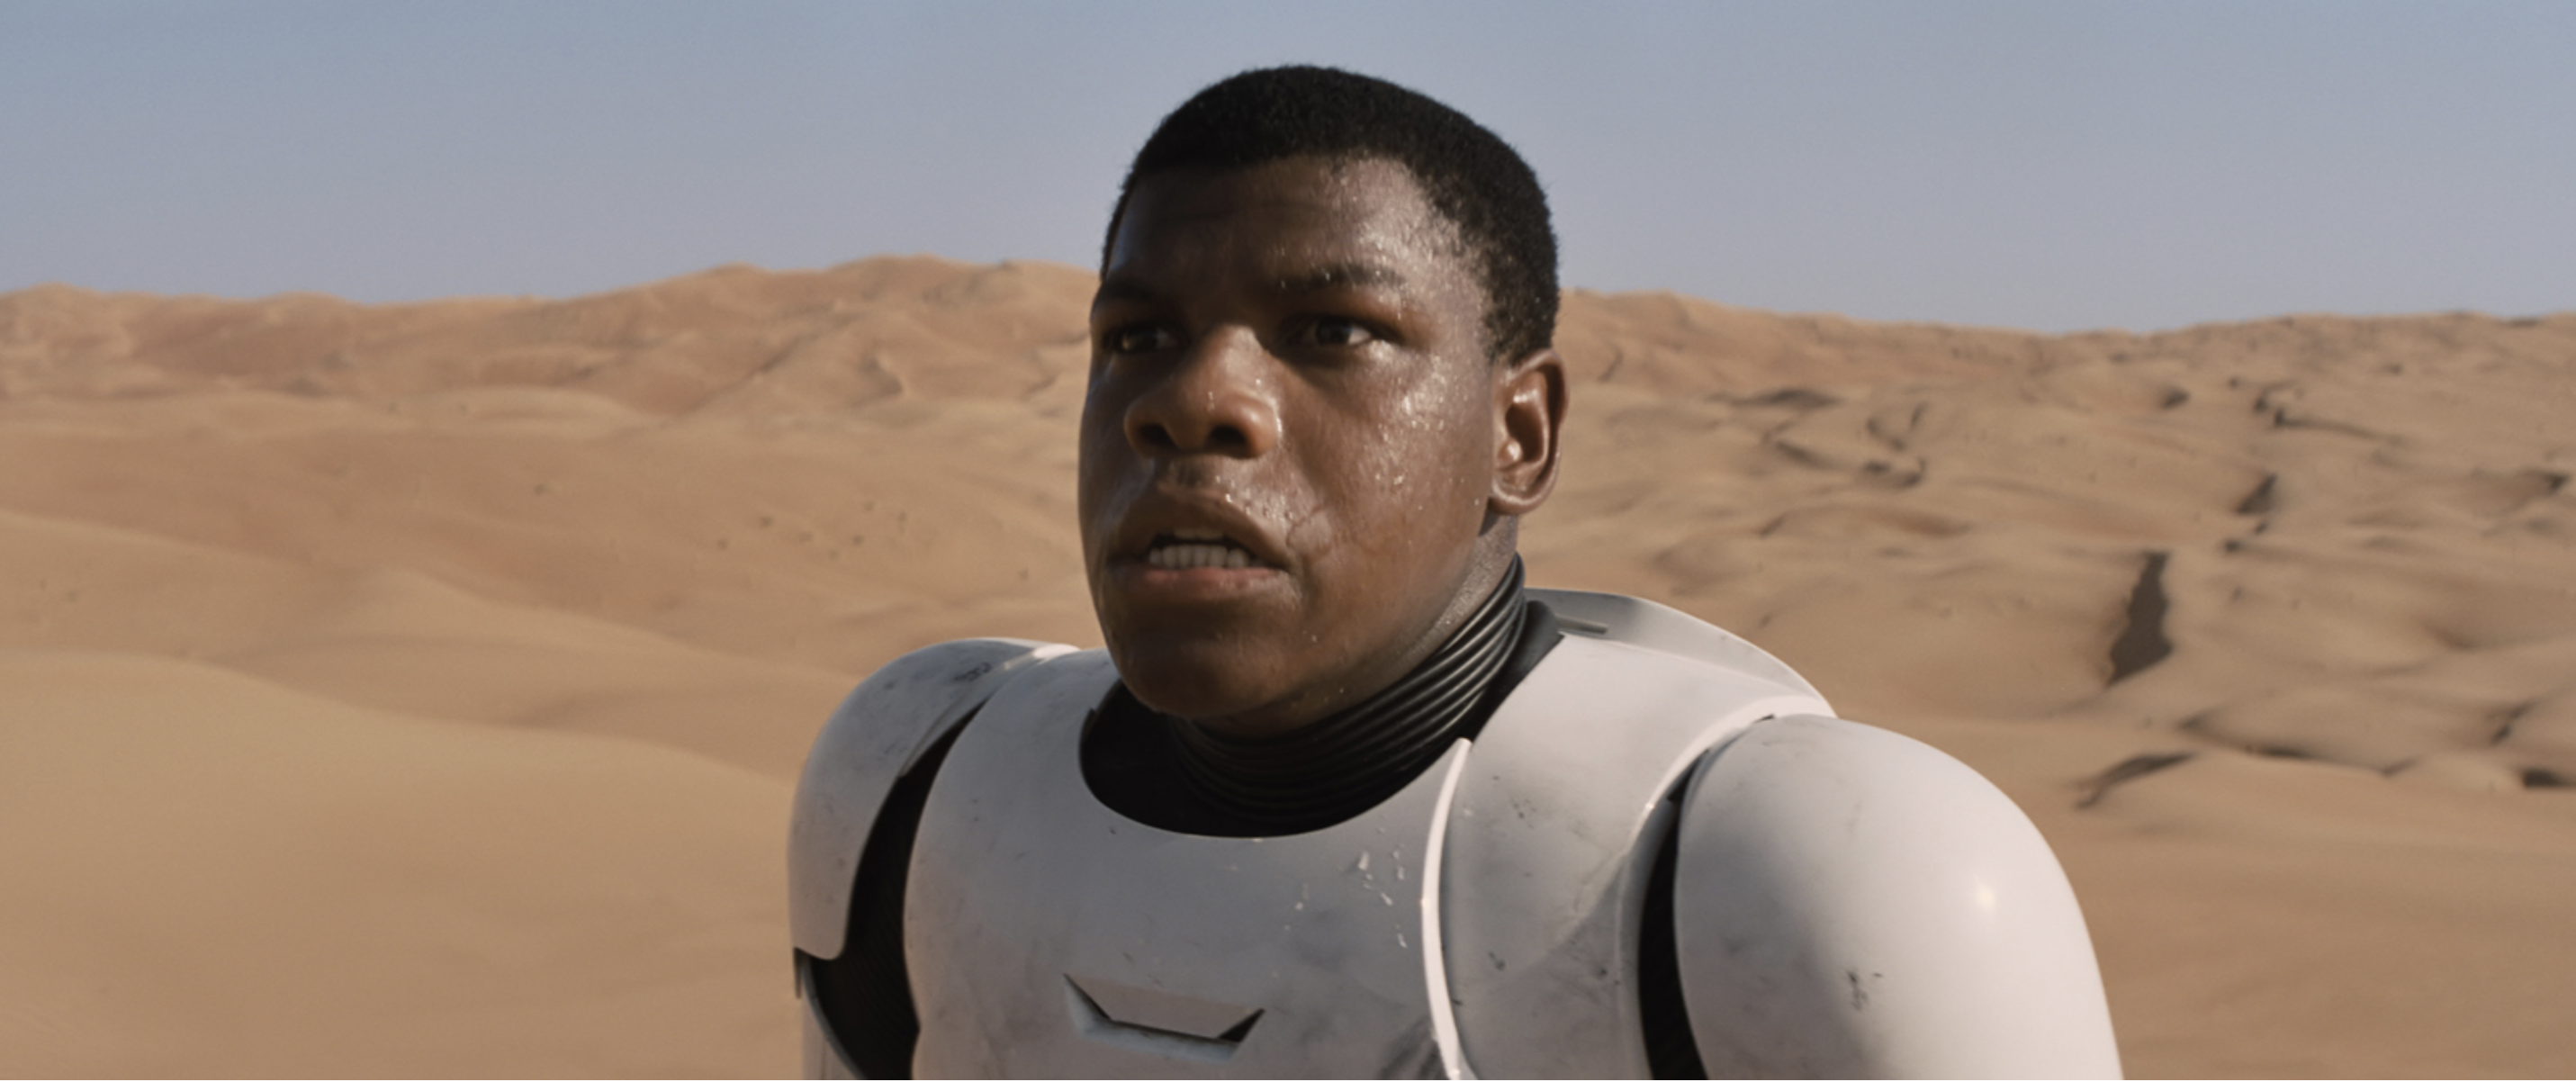 Star Wars, épisode 7 : Le Réveil de la Force